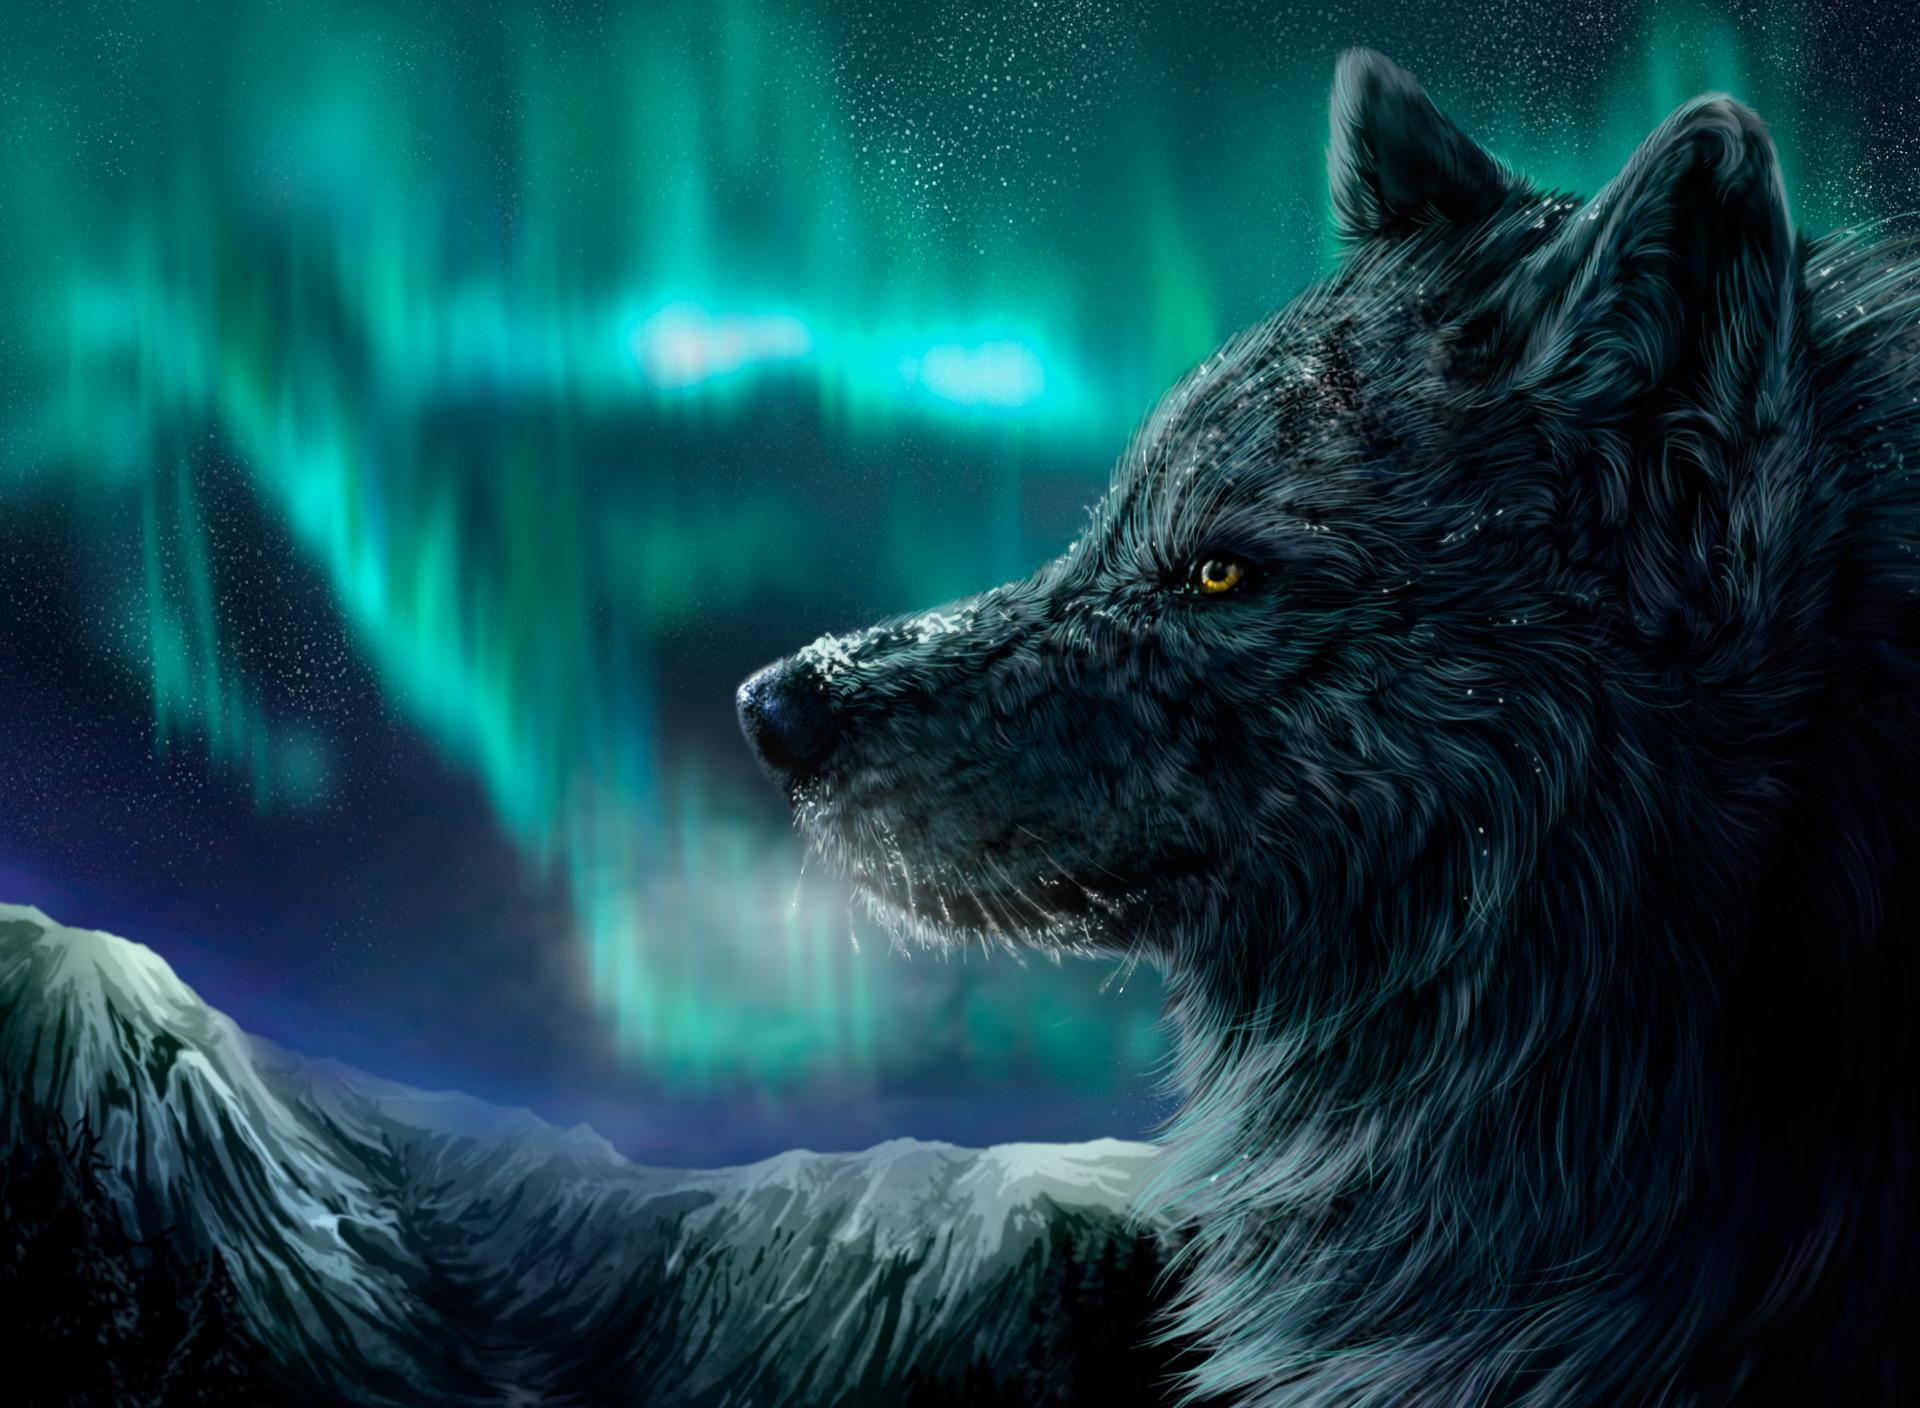 просто картинка с волком в высоком разрешении центре сюжета